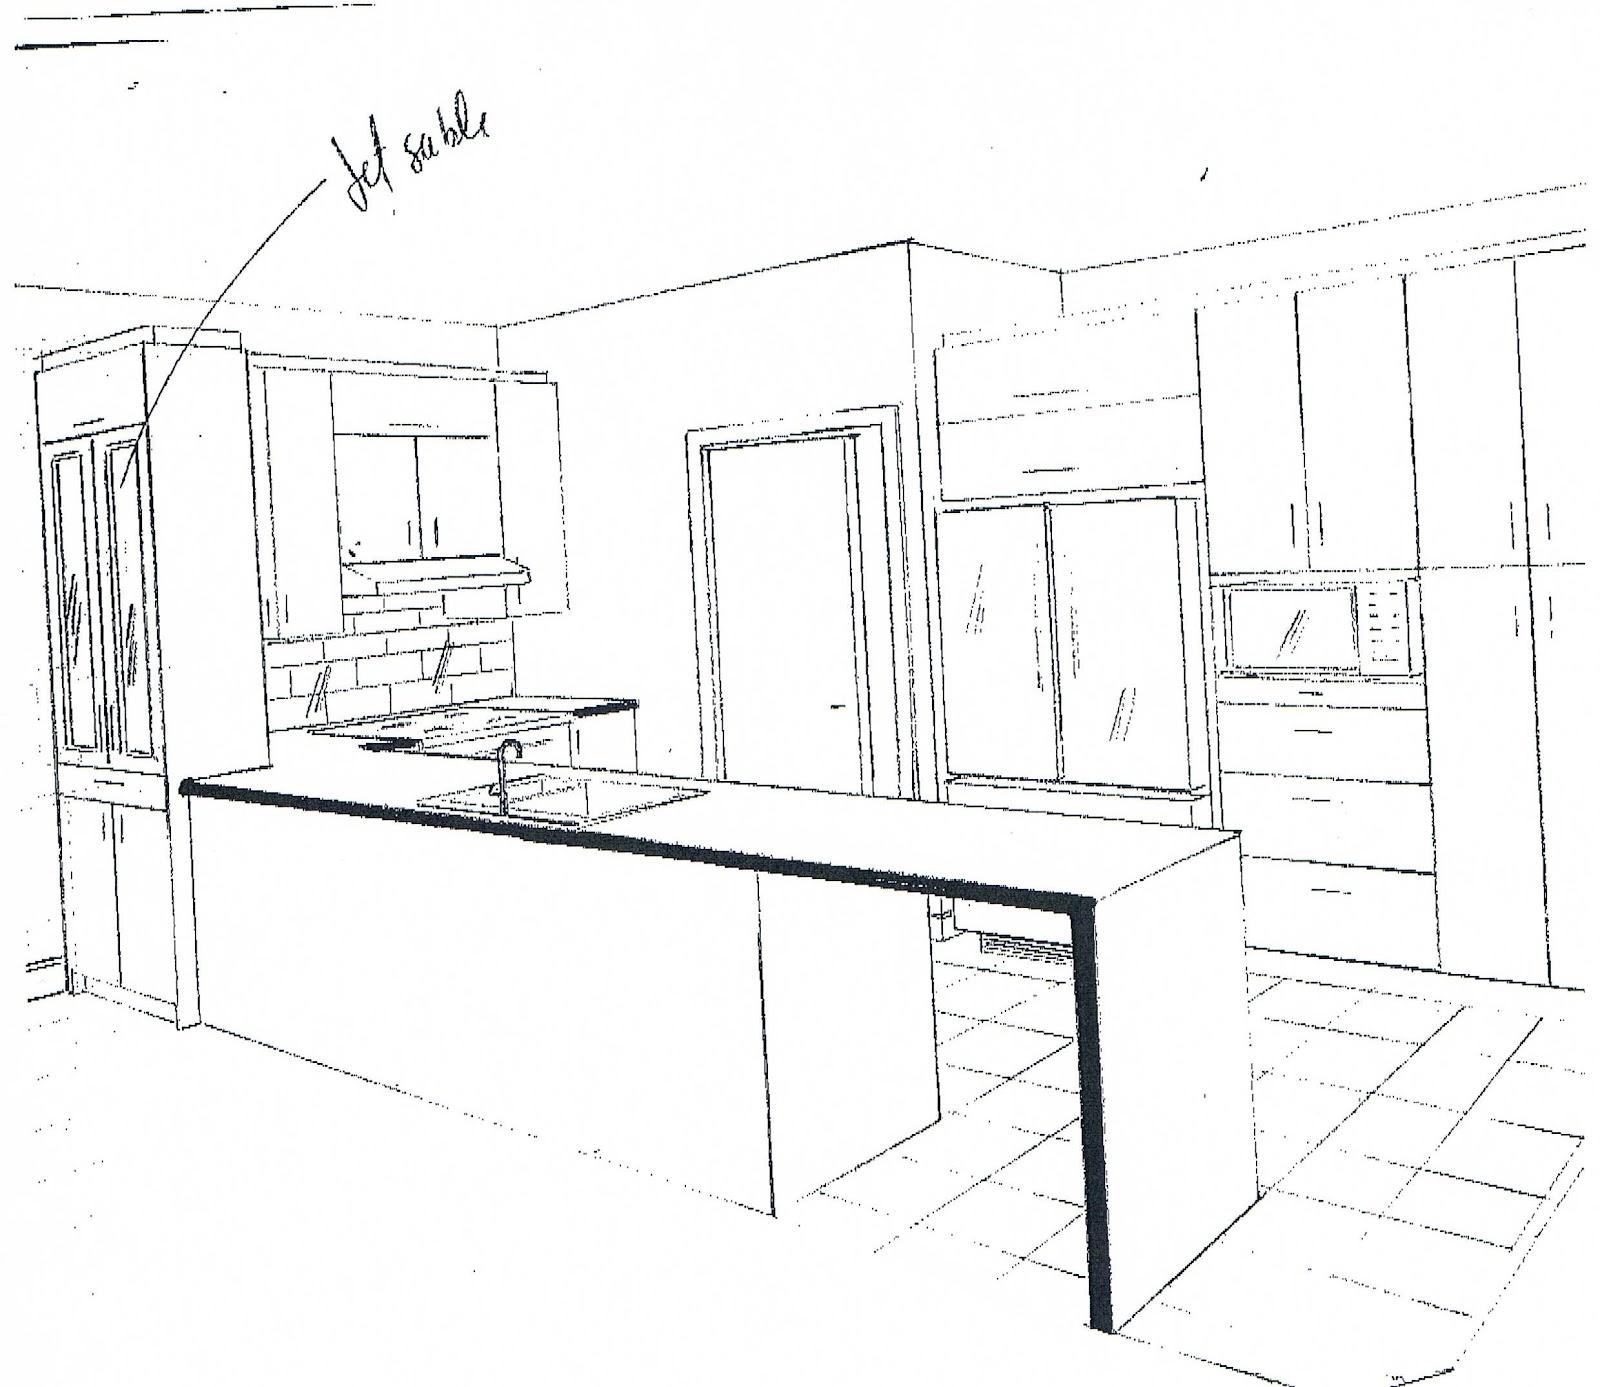 Dessiner plan cuisine cuisine dessiner plan cuisine for Dessiner un plan 3d